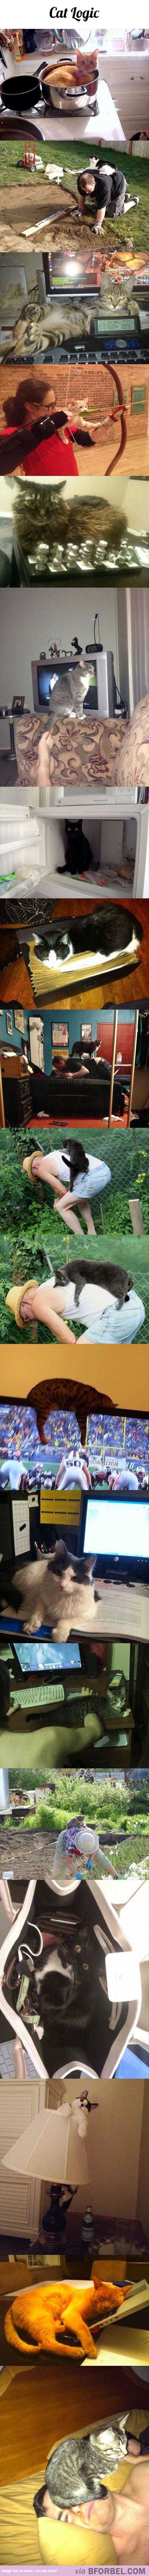 Internationaler Katzentag am 8. August 2014